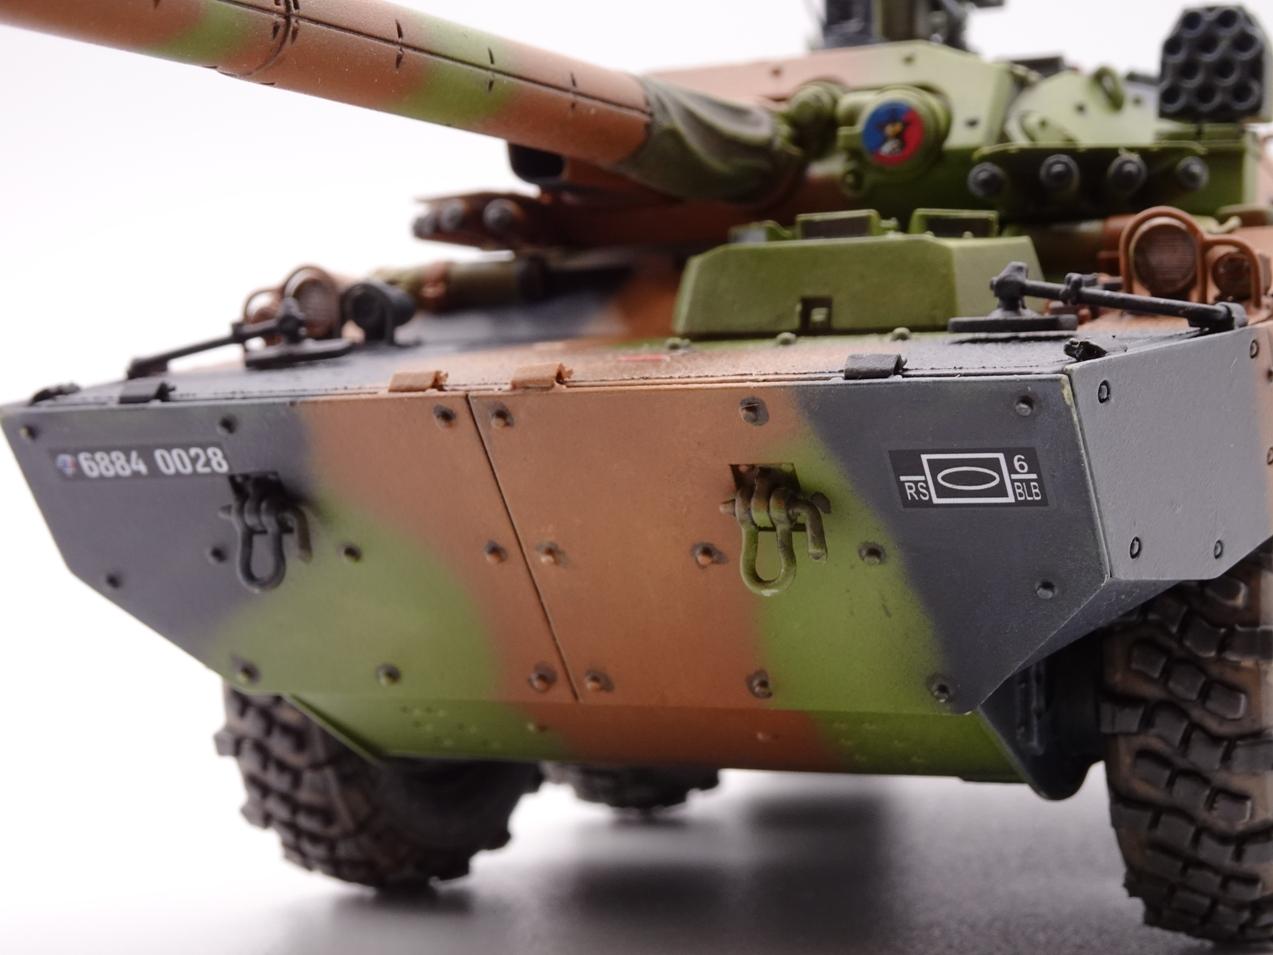 [Tiger Model] AMX-10RCR réf. 4602 - 1/35 - Page 4 Amx10-fin-12